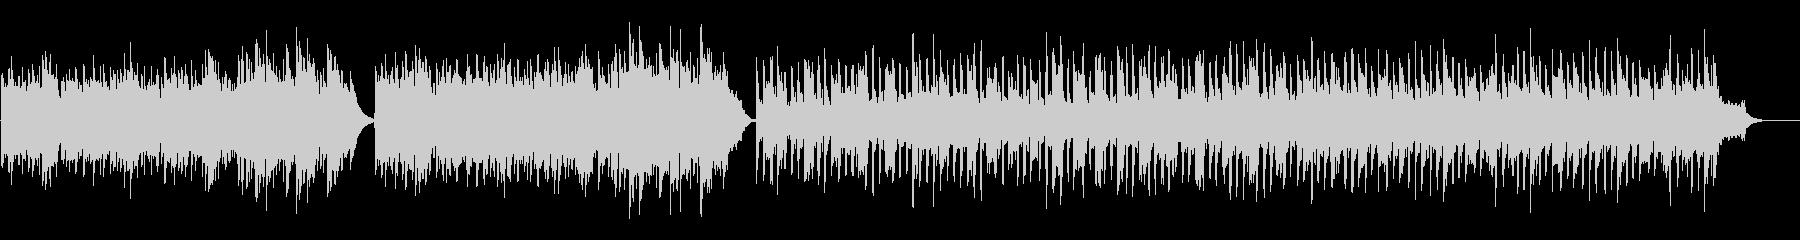 焚き火の音とコラボするBGMの未再生の波形